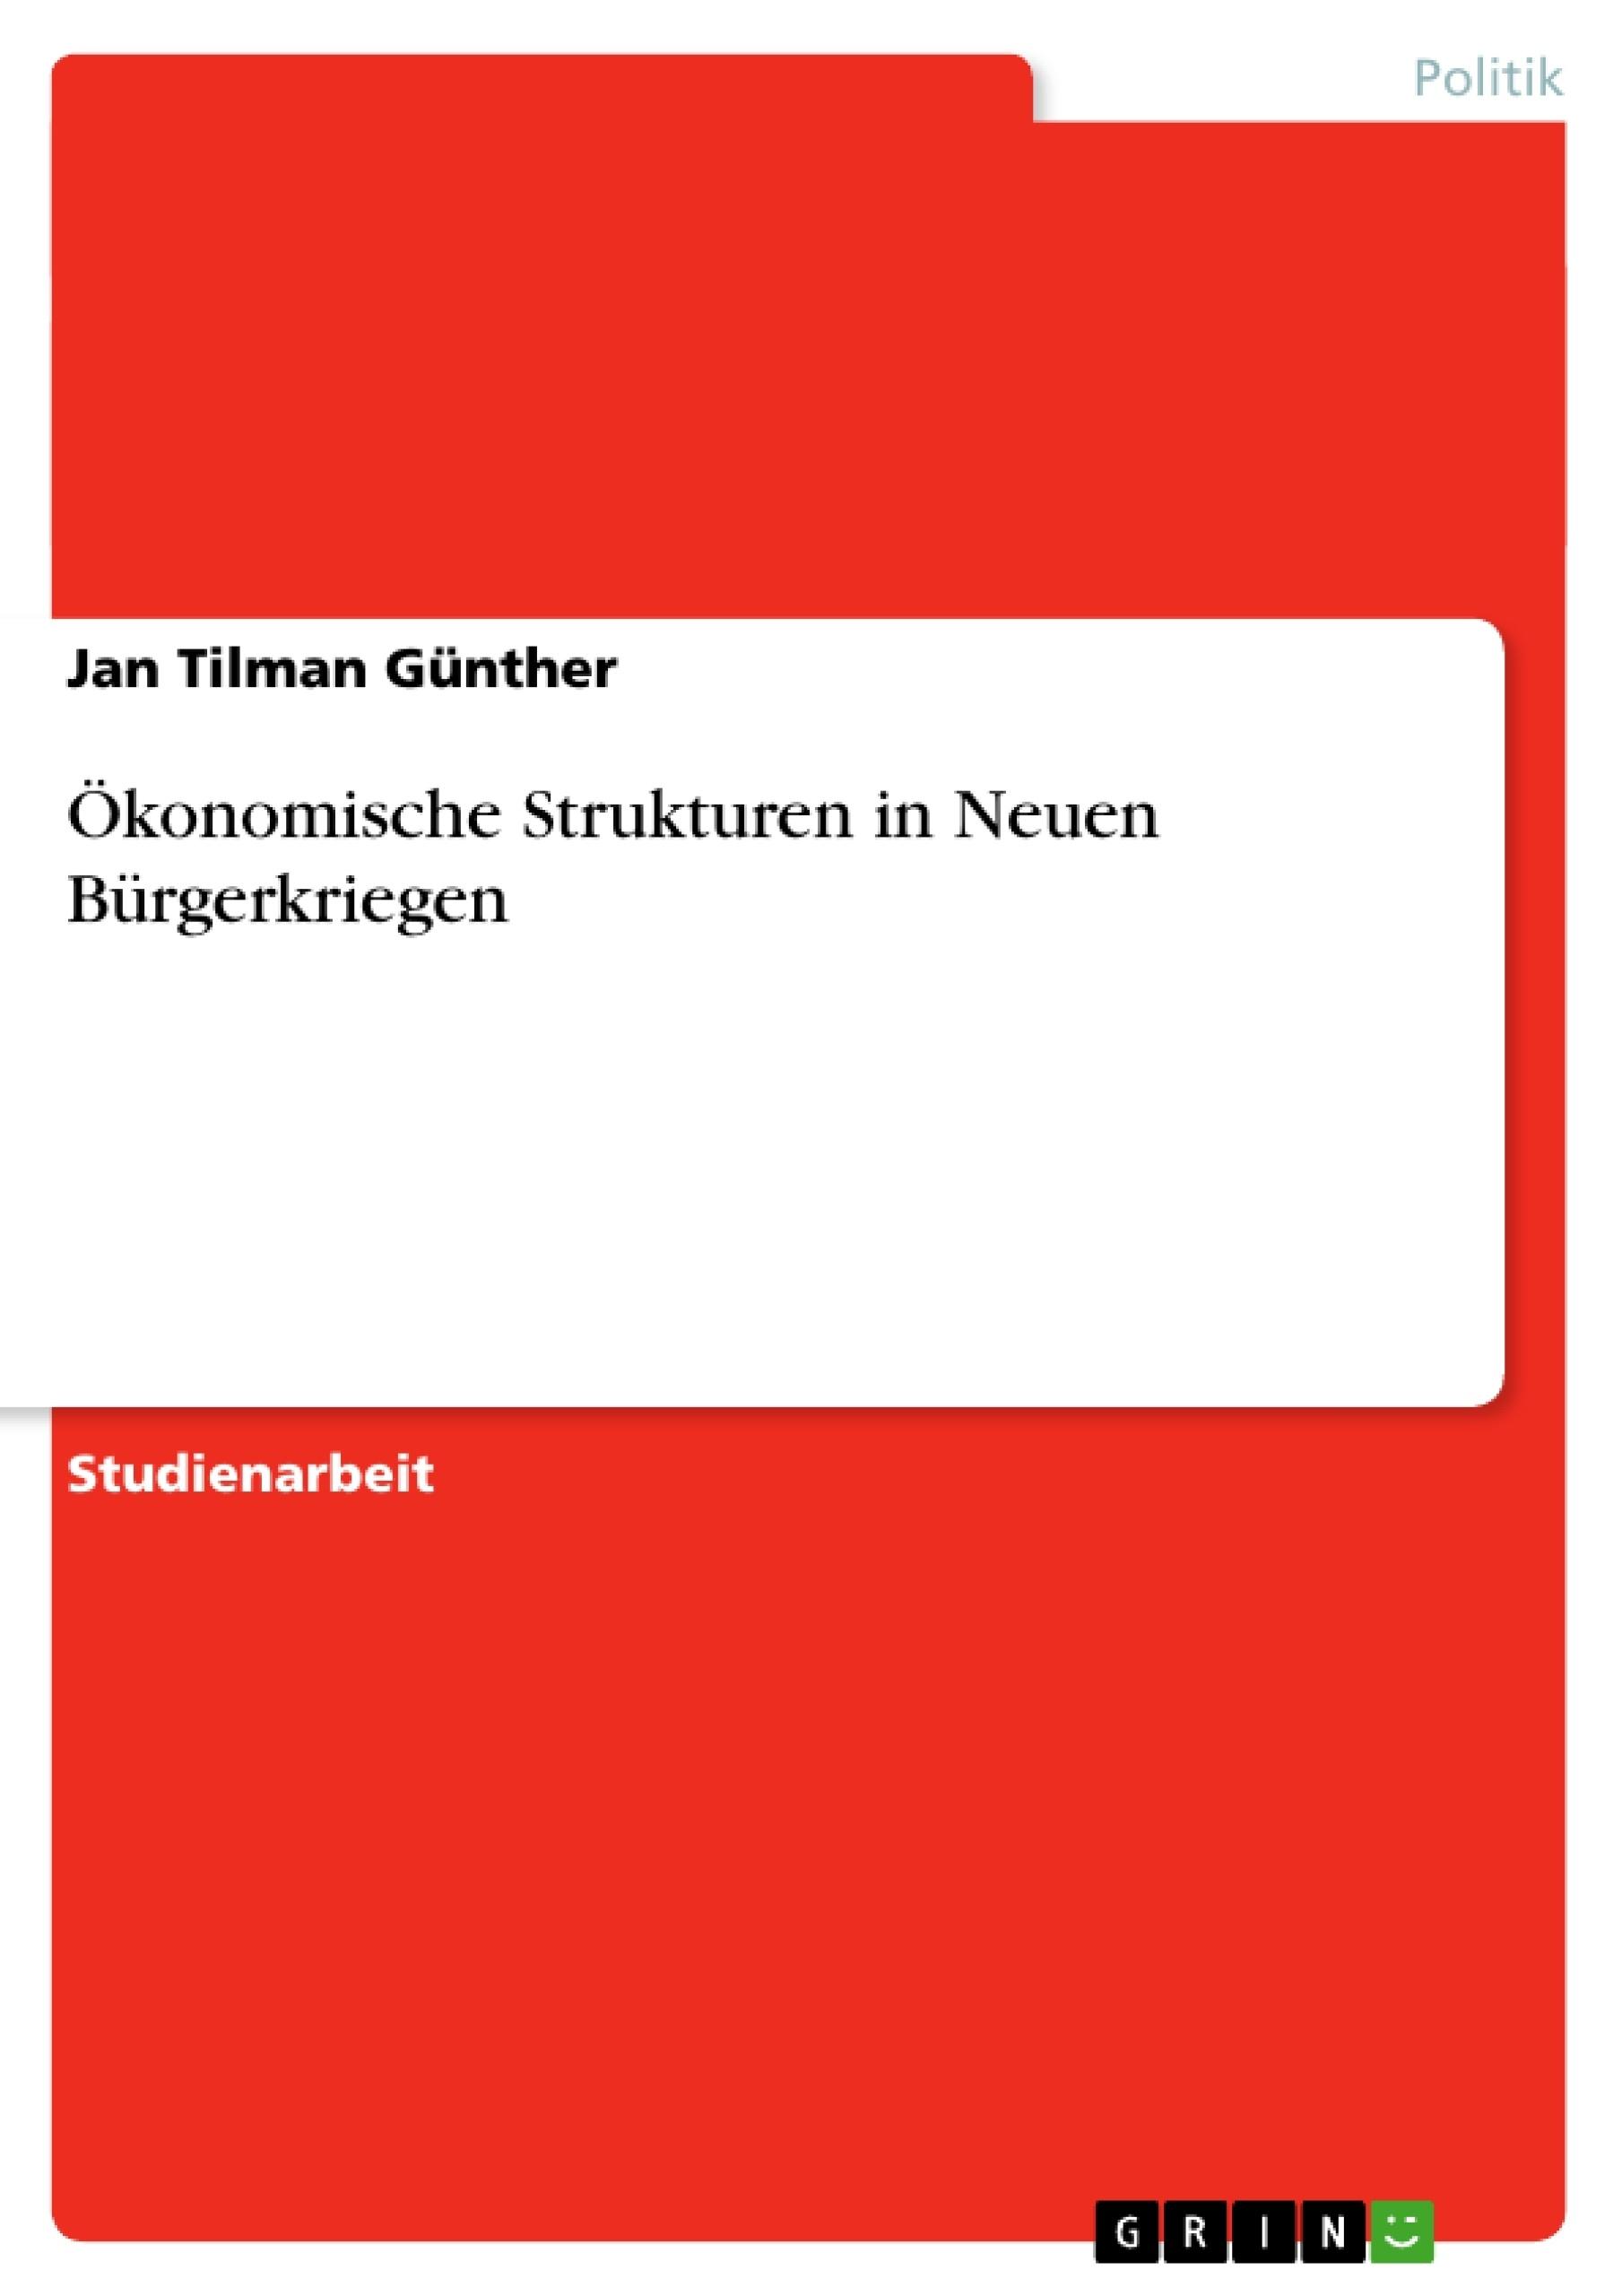 Titel: Ökonomische Strukturen in Neuen Bürgerkriegen